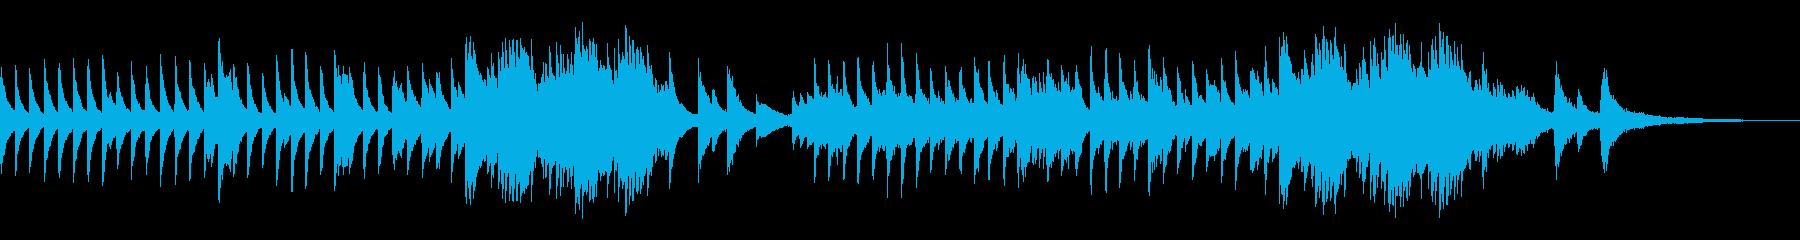 KANTピアノバラード200603の再生済みの波形